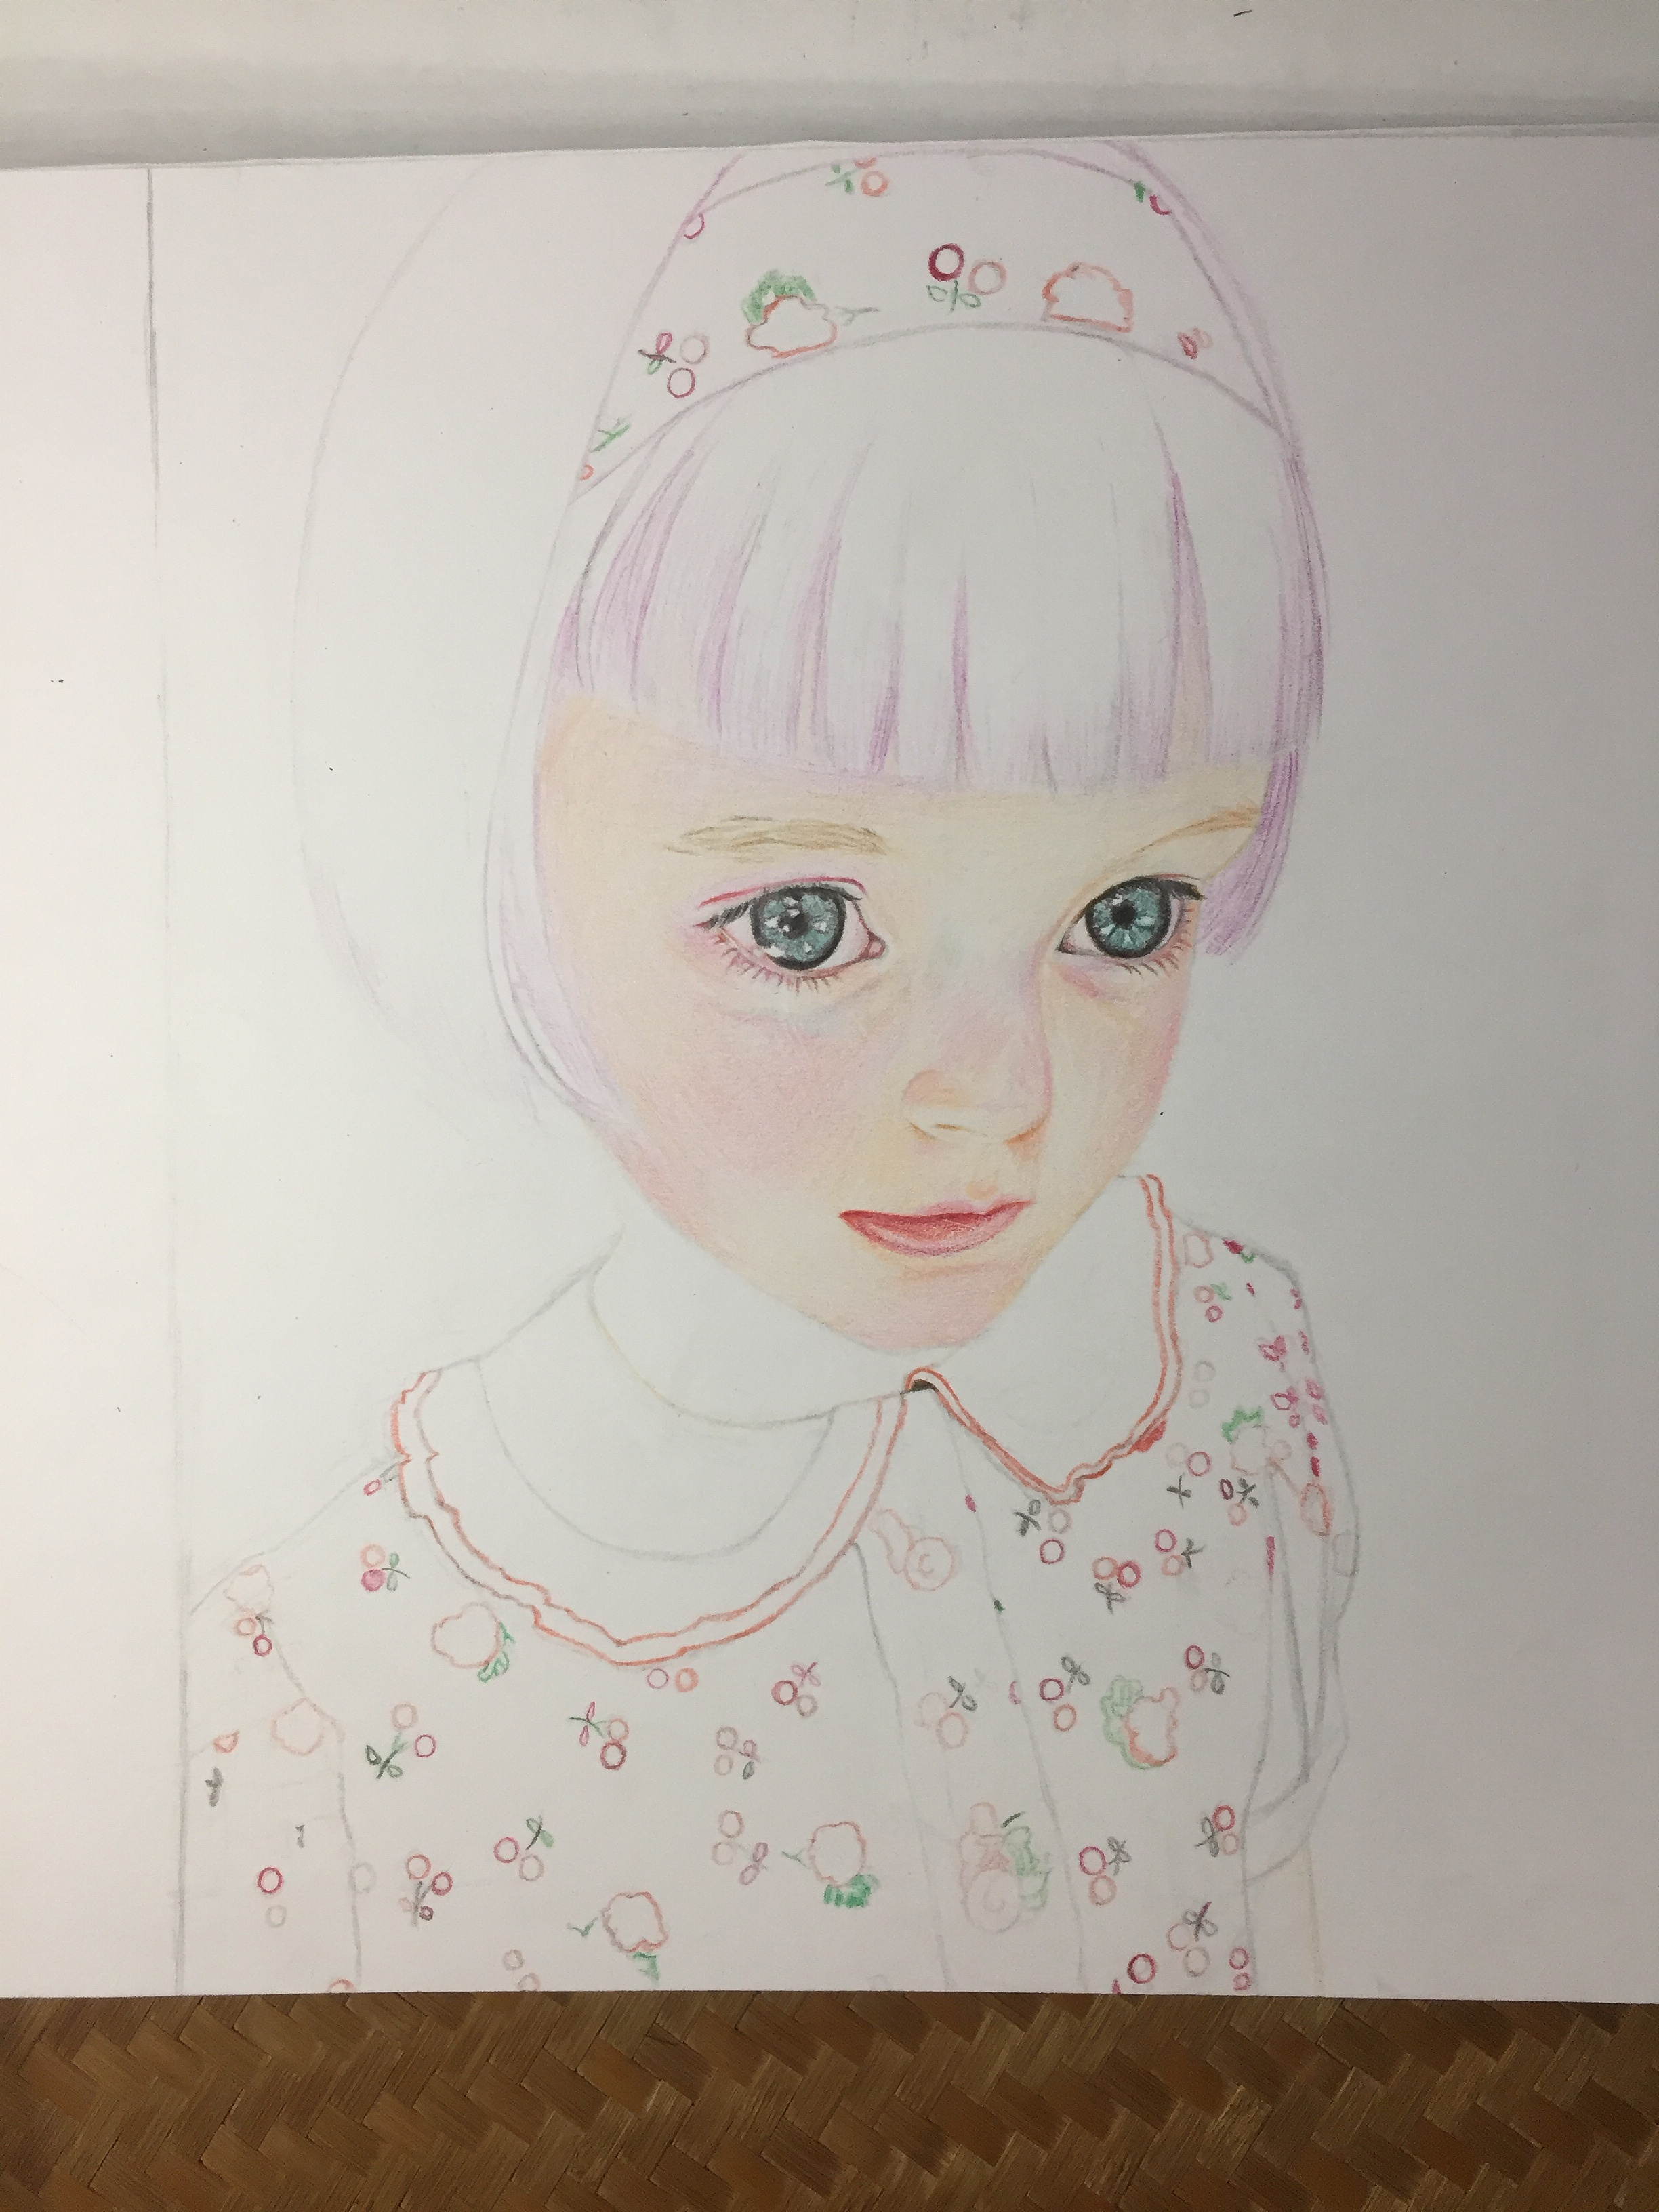 彩铅——大眼睛女孩 纯艺术 彩铅 经常犯傻的猪兔子